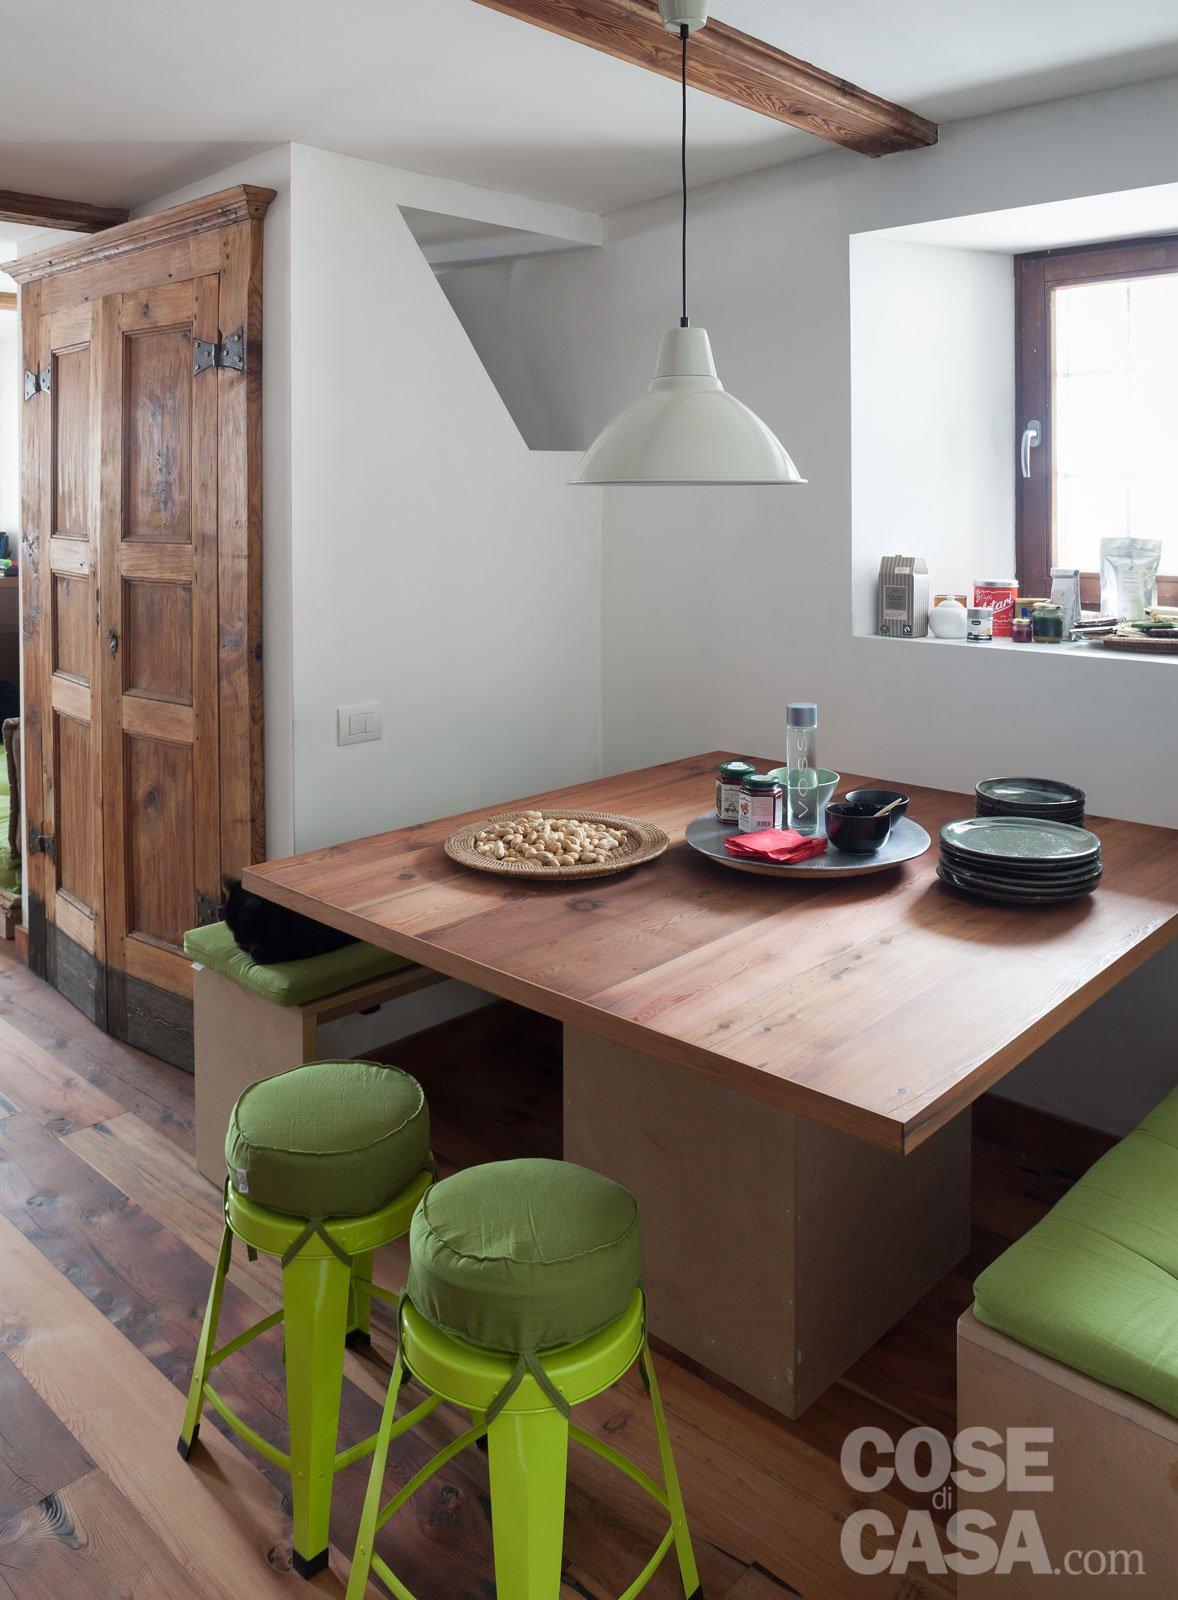 30 30 mq restauro di una tipica casa di montagna cose for Cose per casa